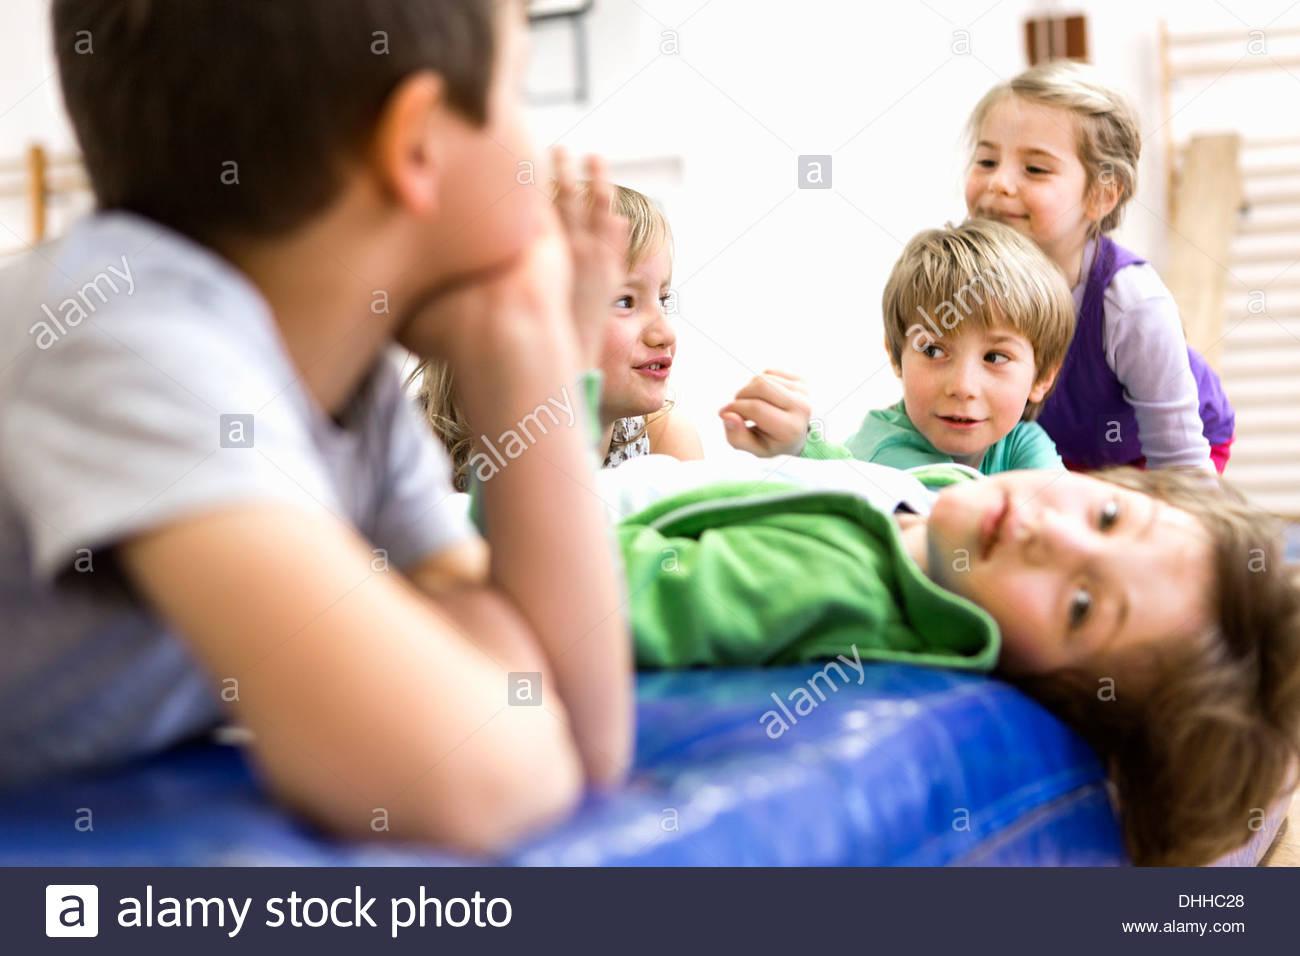 Des enfants assis et allongé sur des tapis d'entraînement Photo Stock